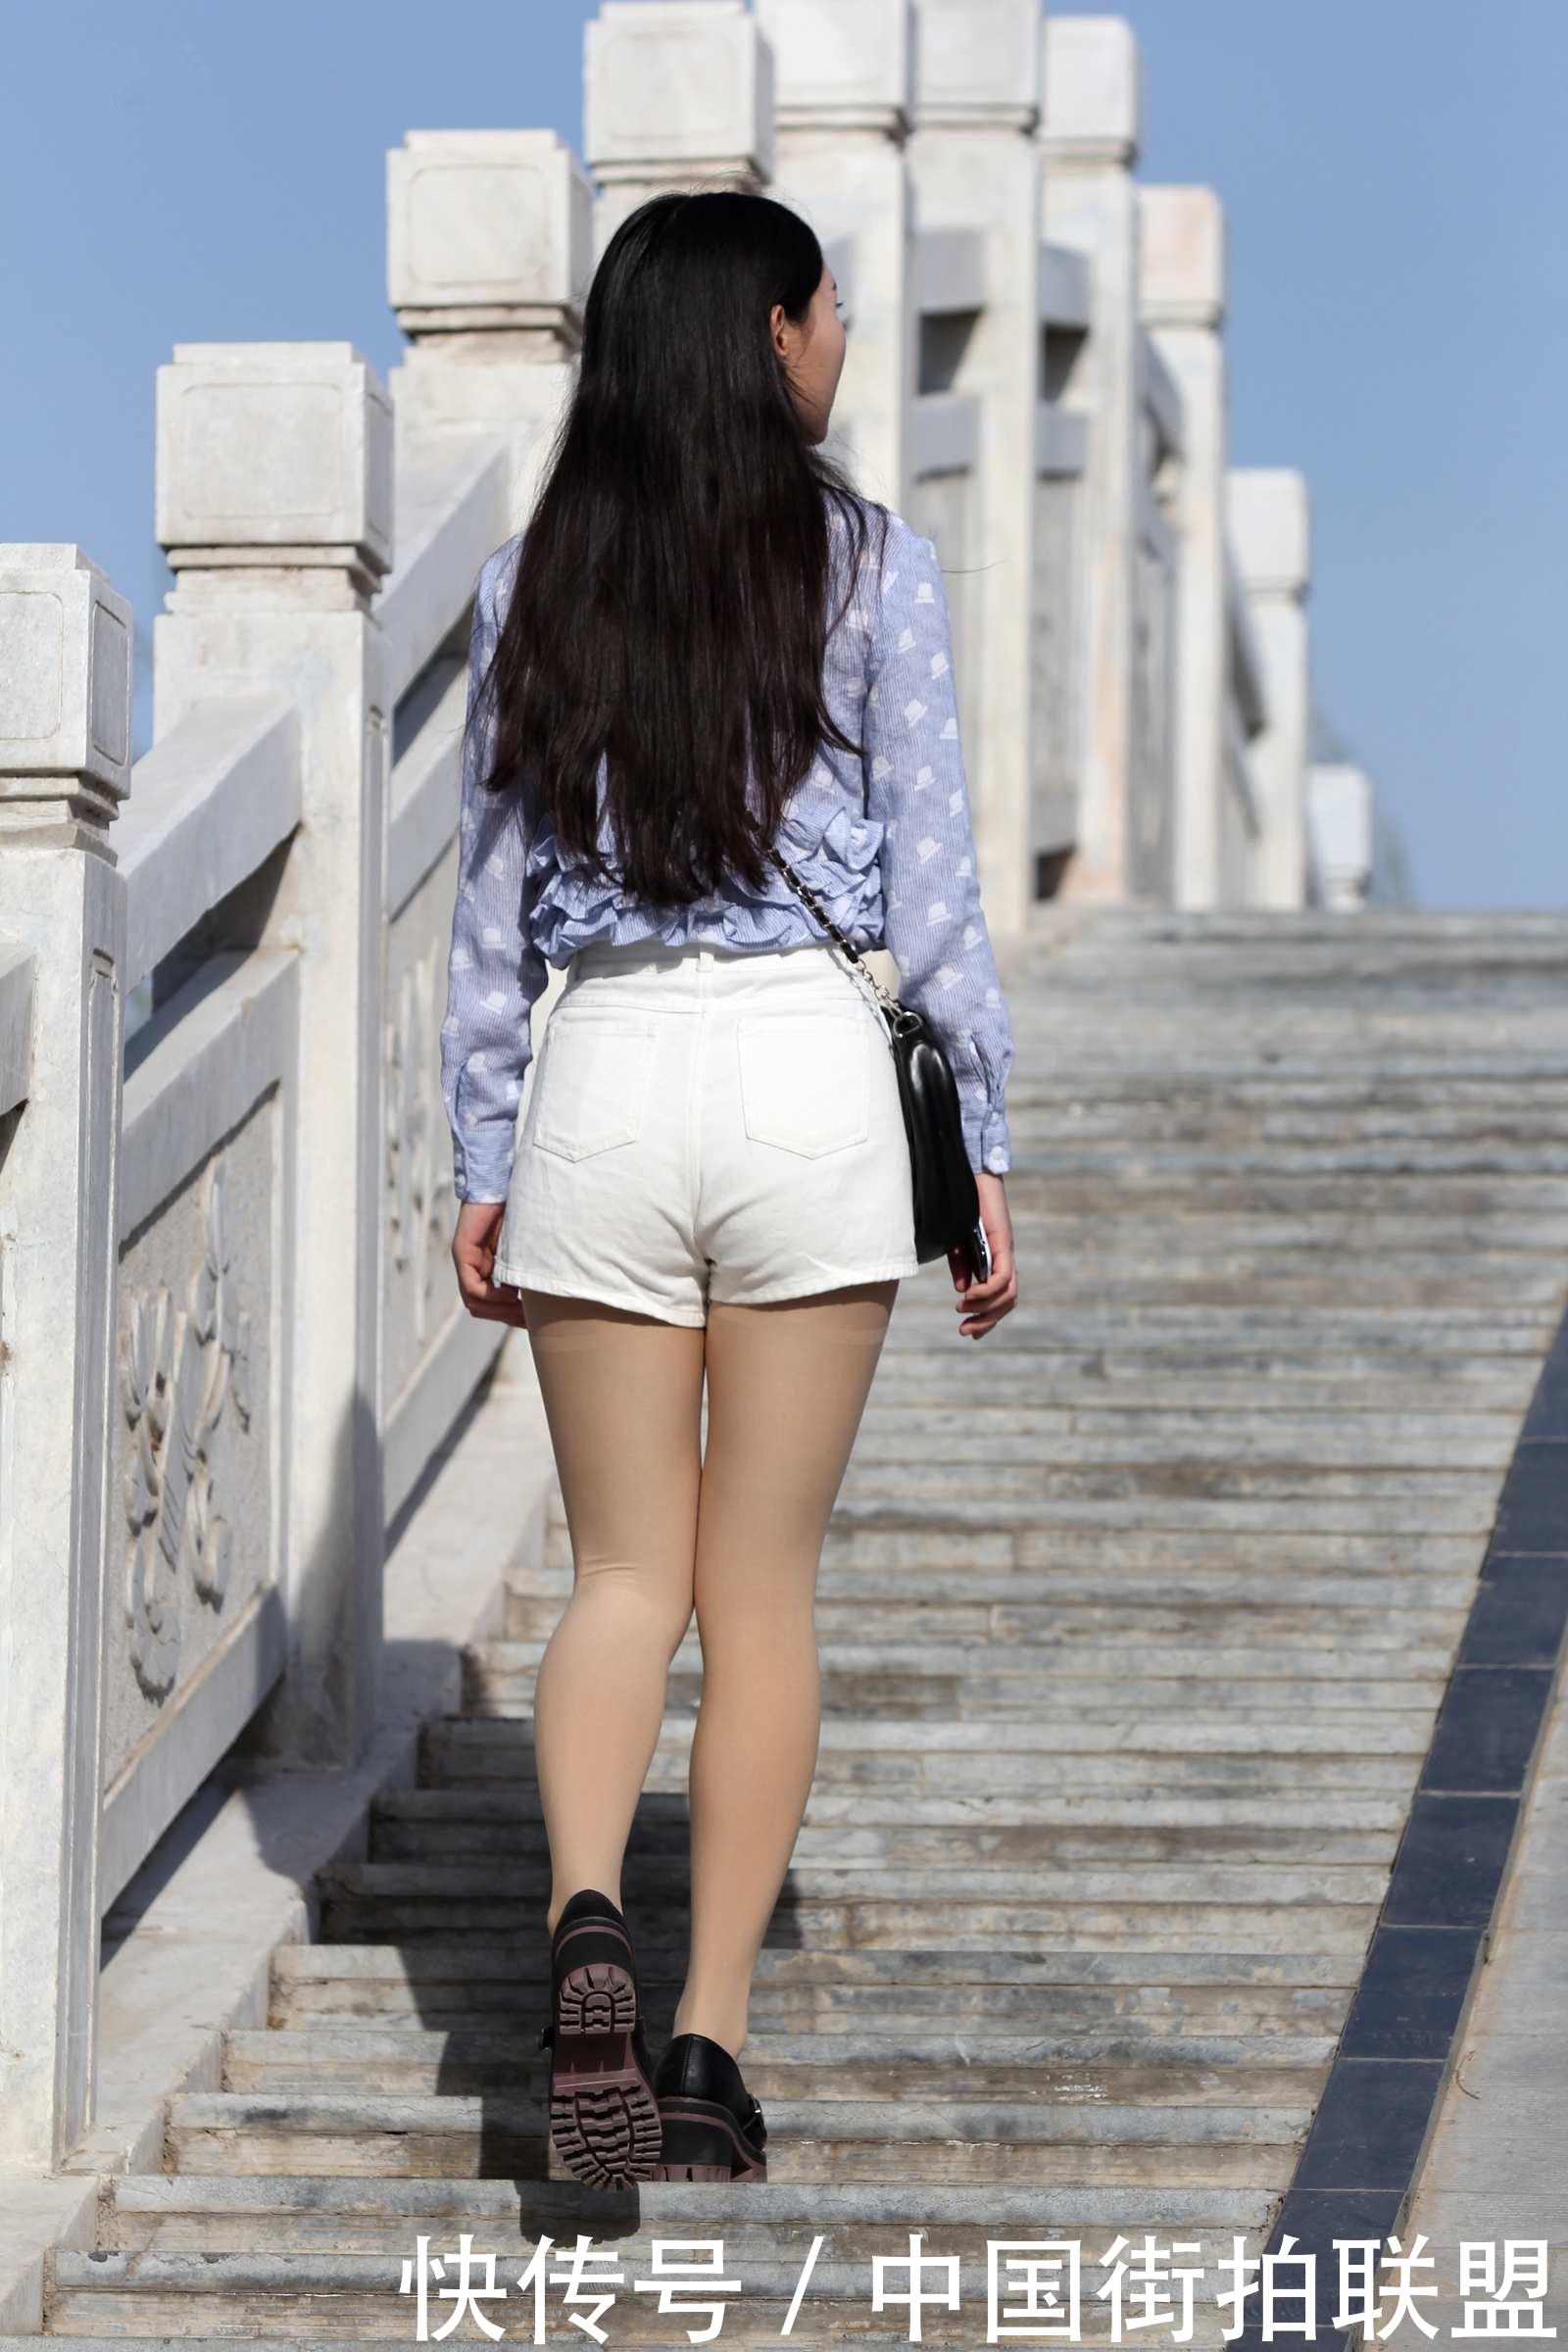 街拍联盟:桥上看风景的热裤美女,背影很清纯